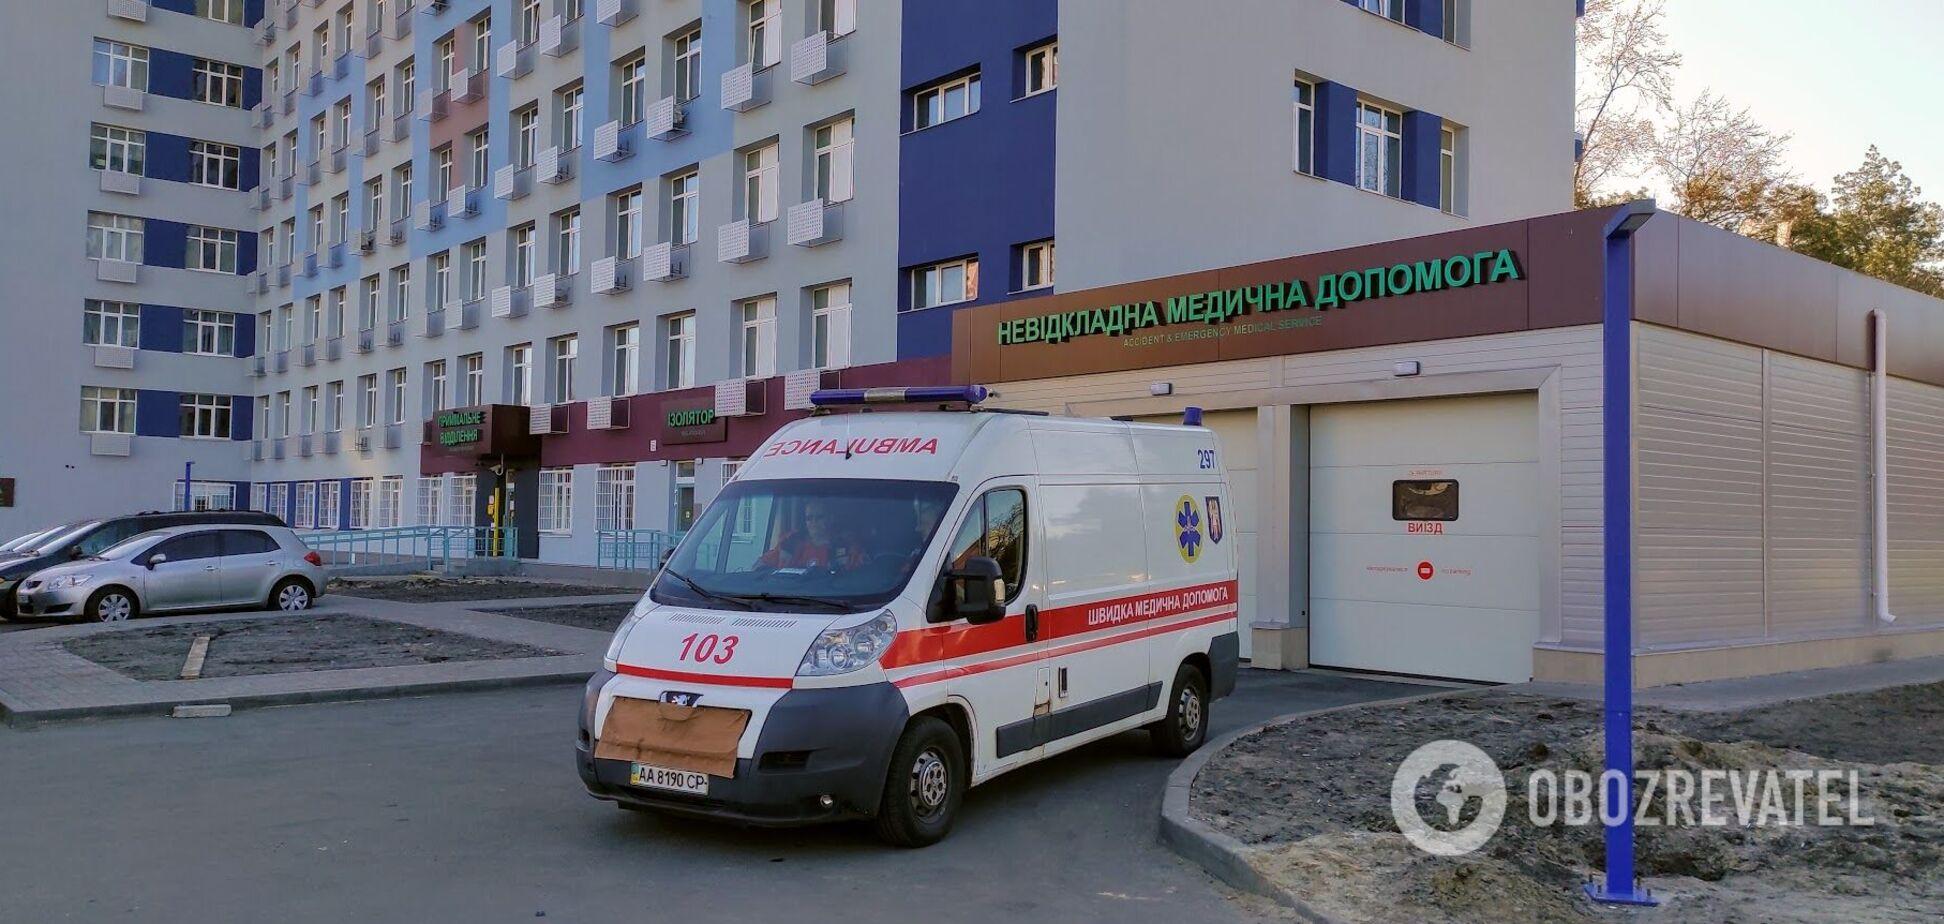 Кількість нових хворих в столиці збільшилась